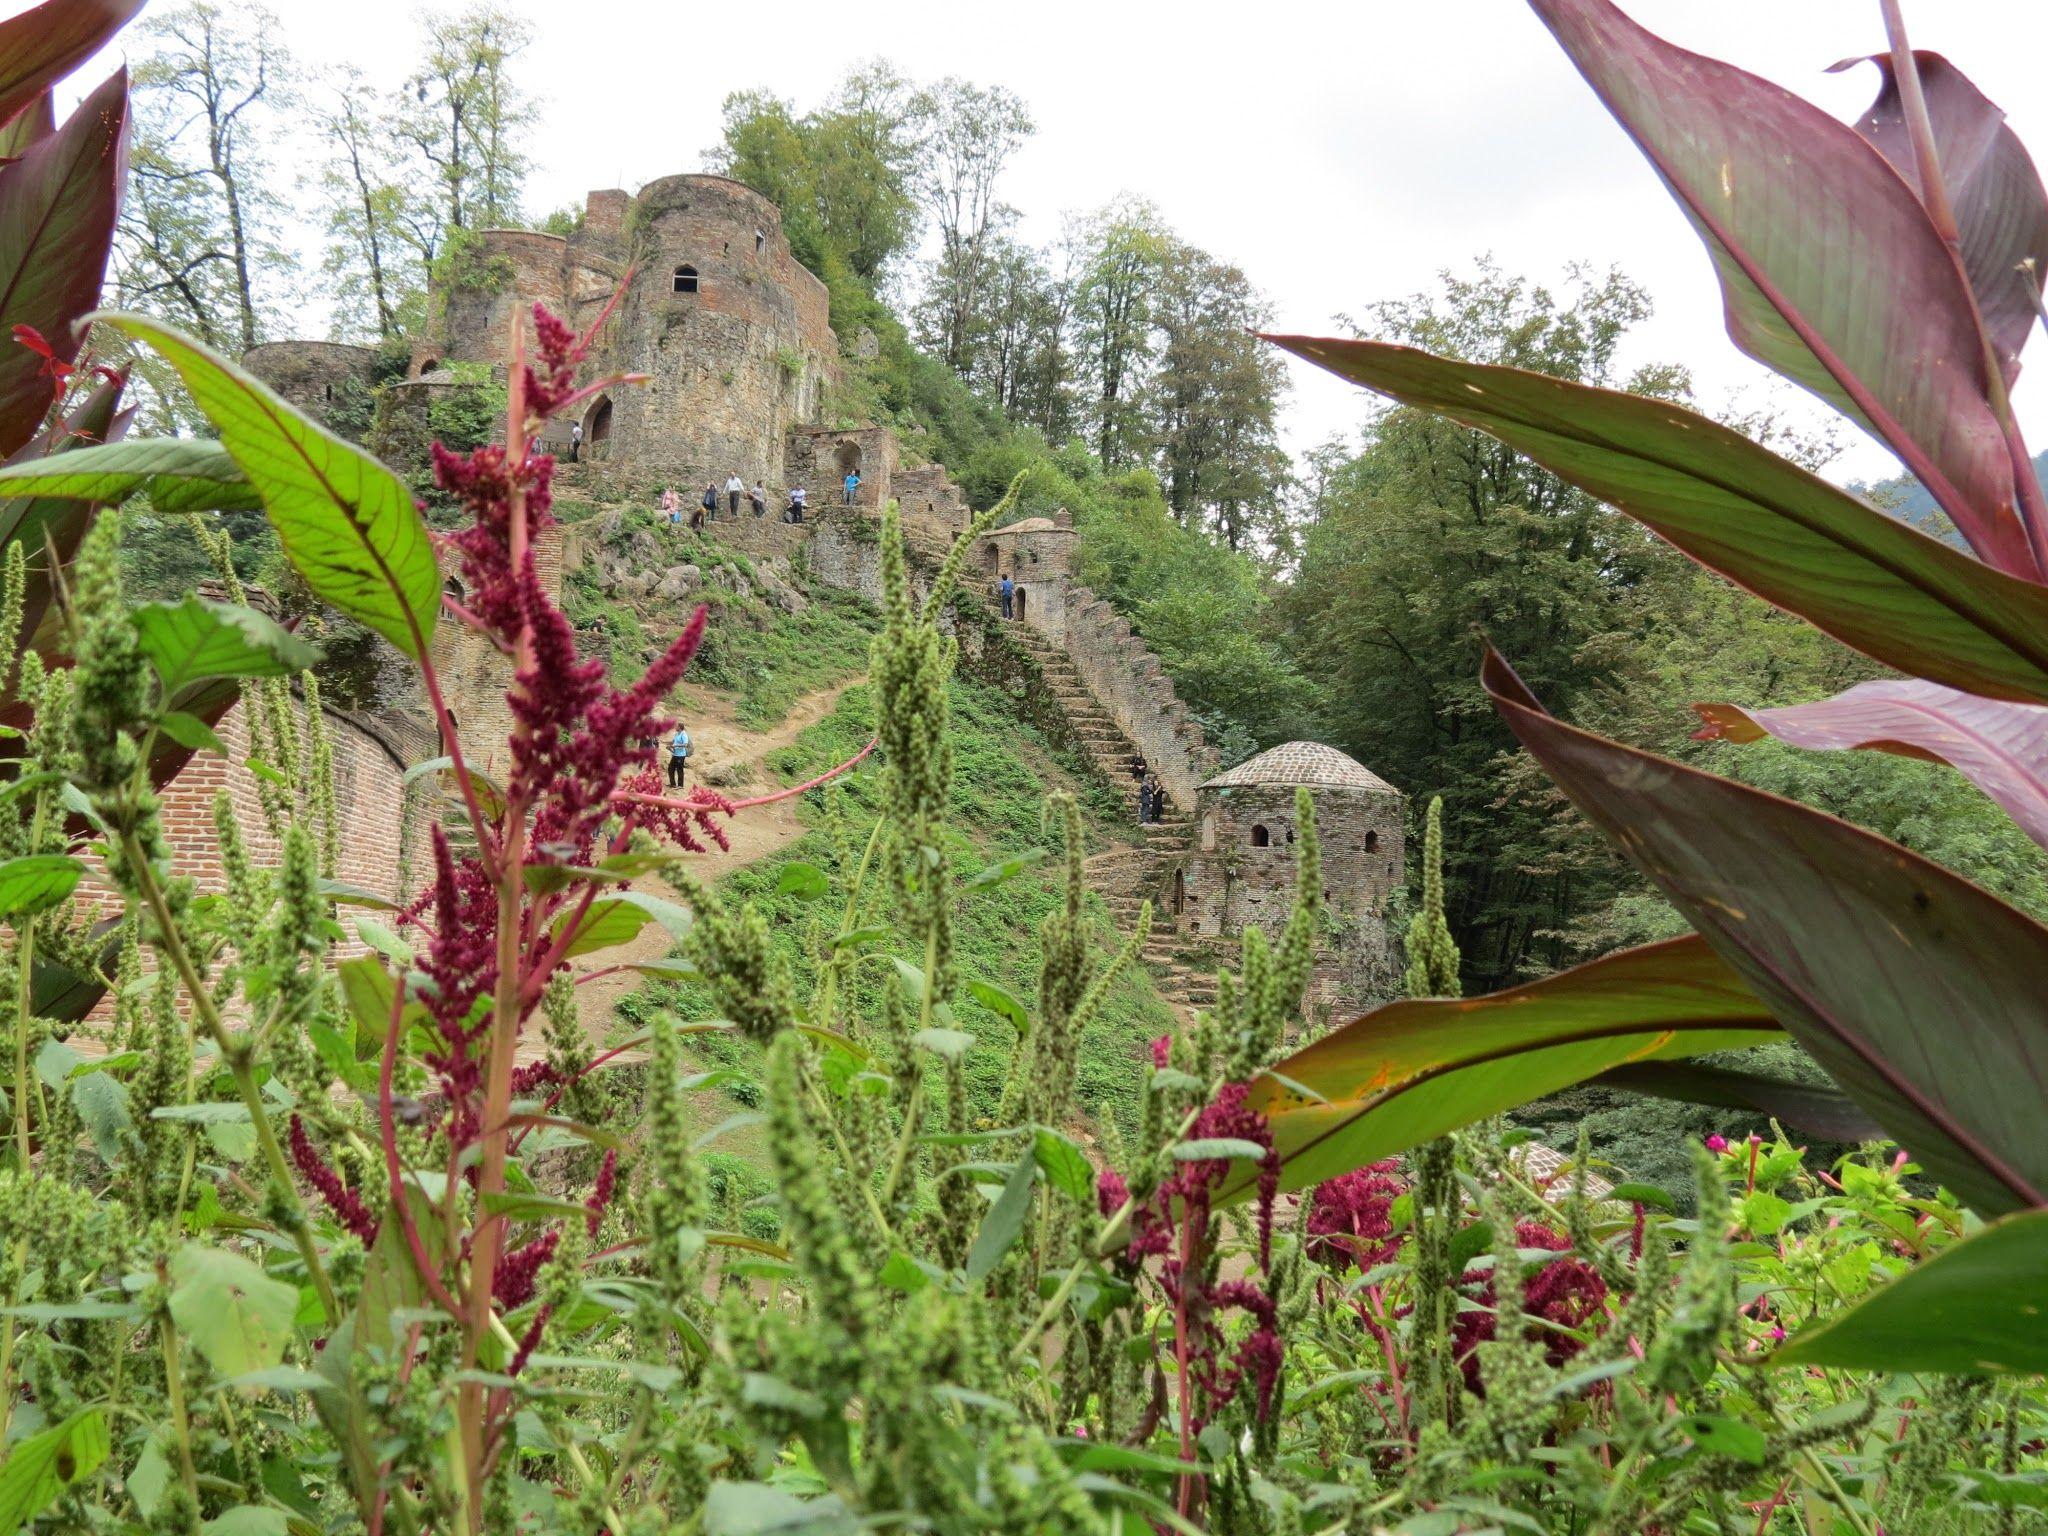 قلعه رودخان ؛ تلاقی طبیعت دلنواز و معماری دورانساز